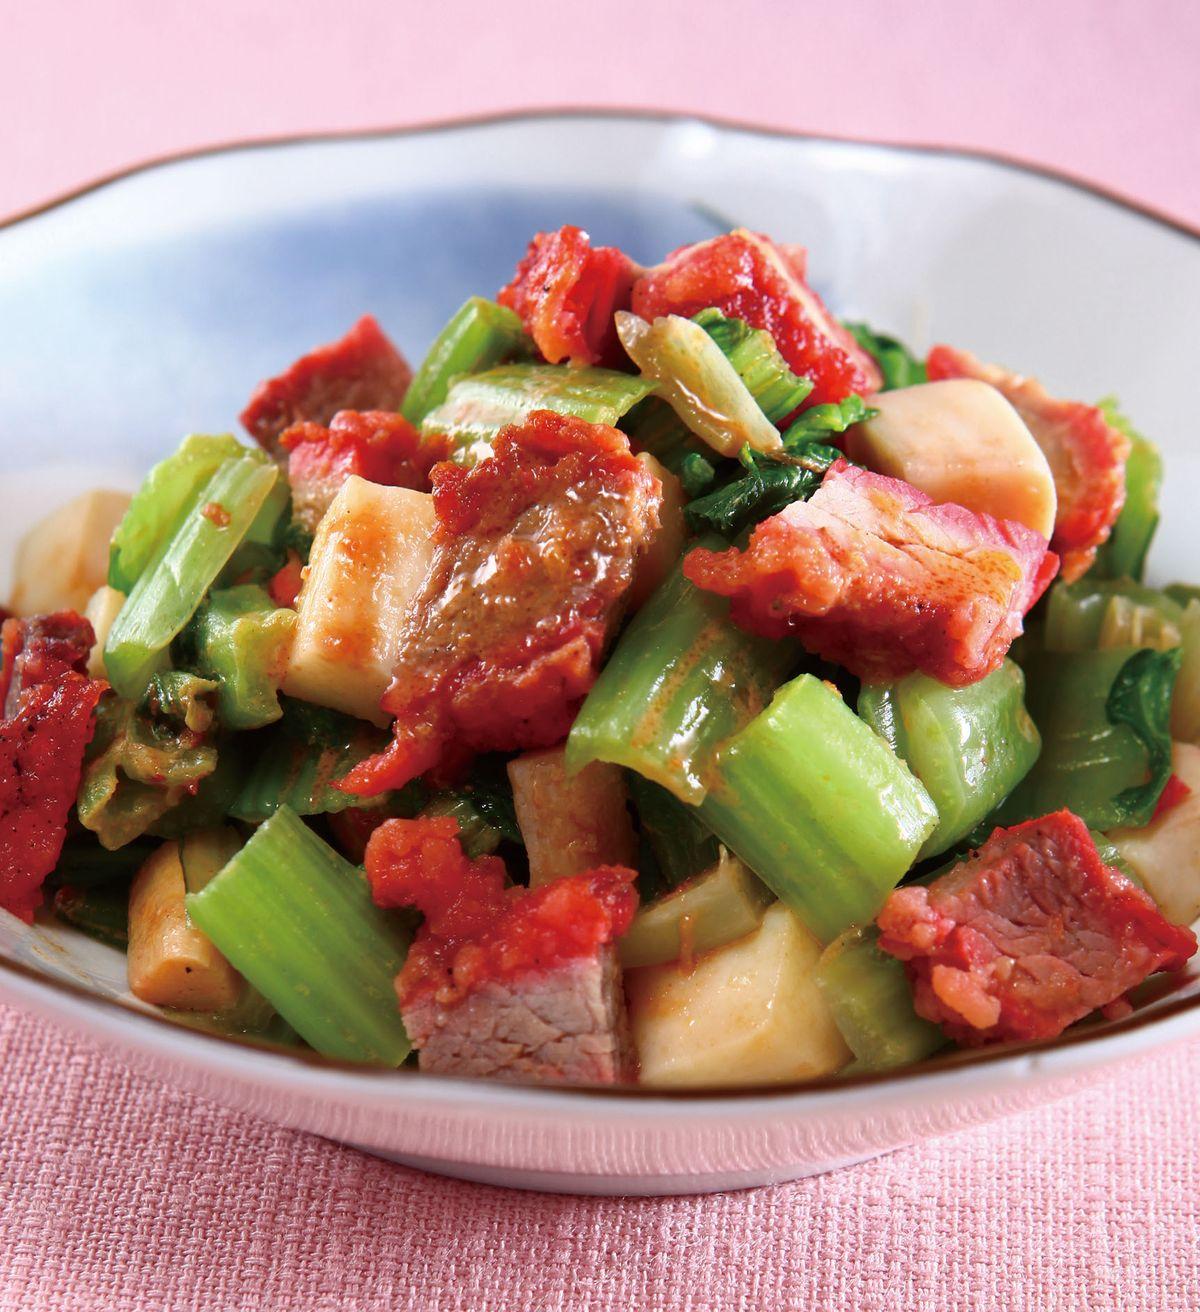 食譜:芝麻叉燒芥菜